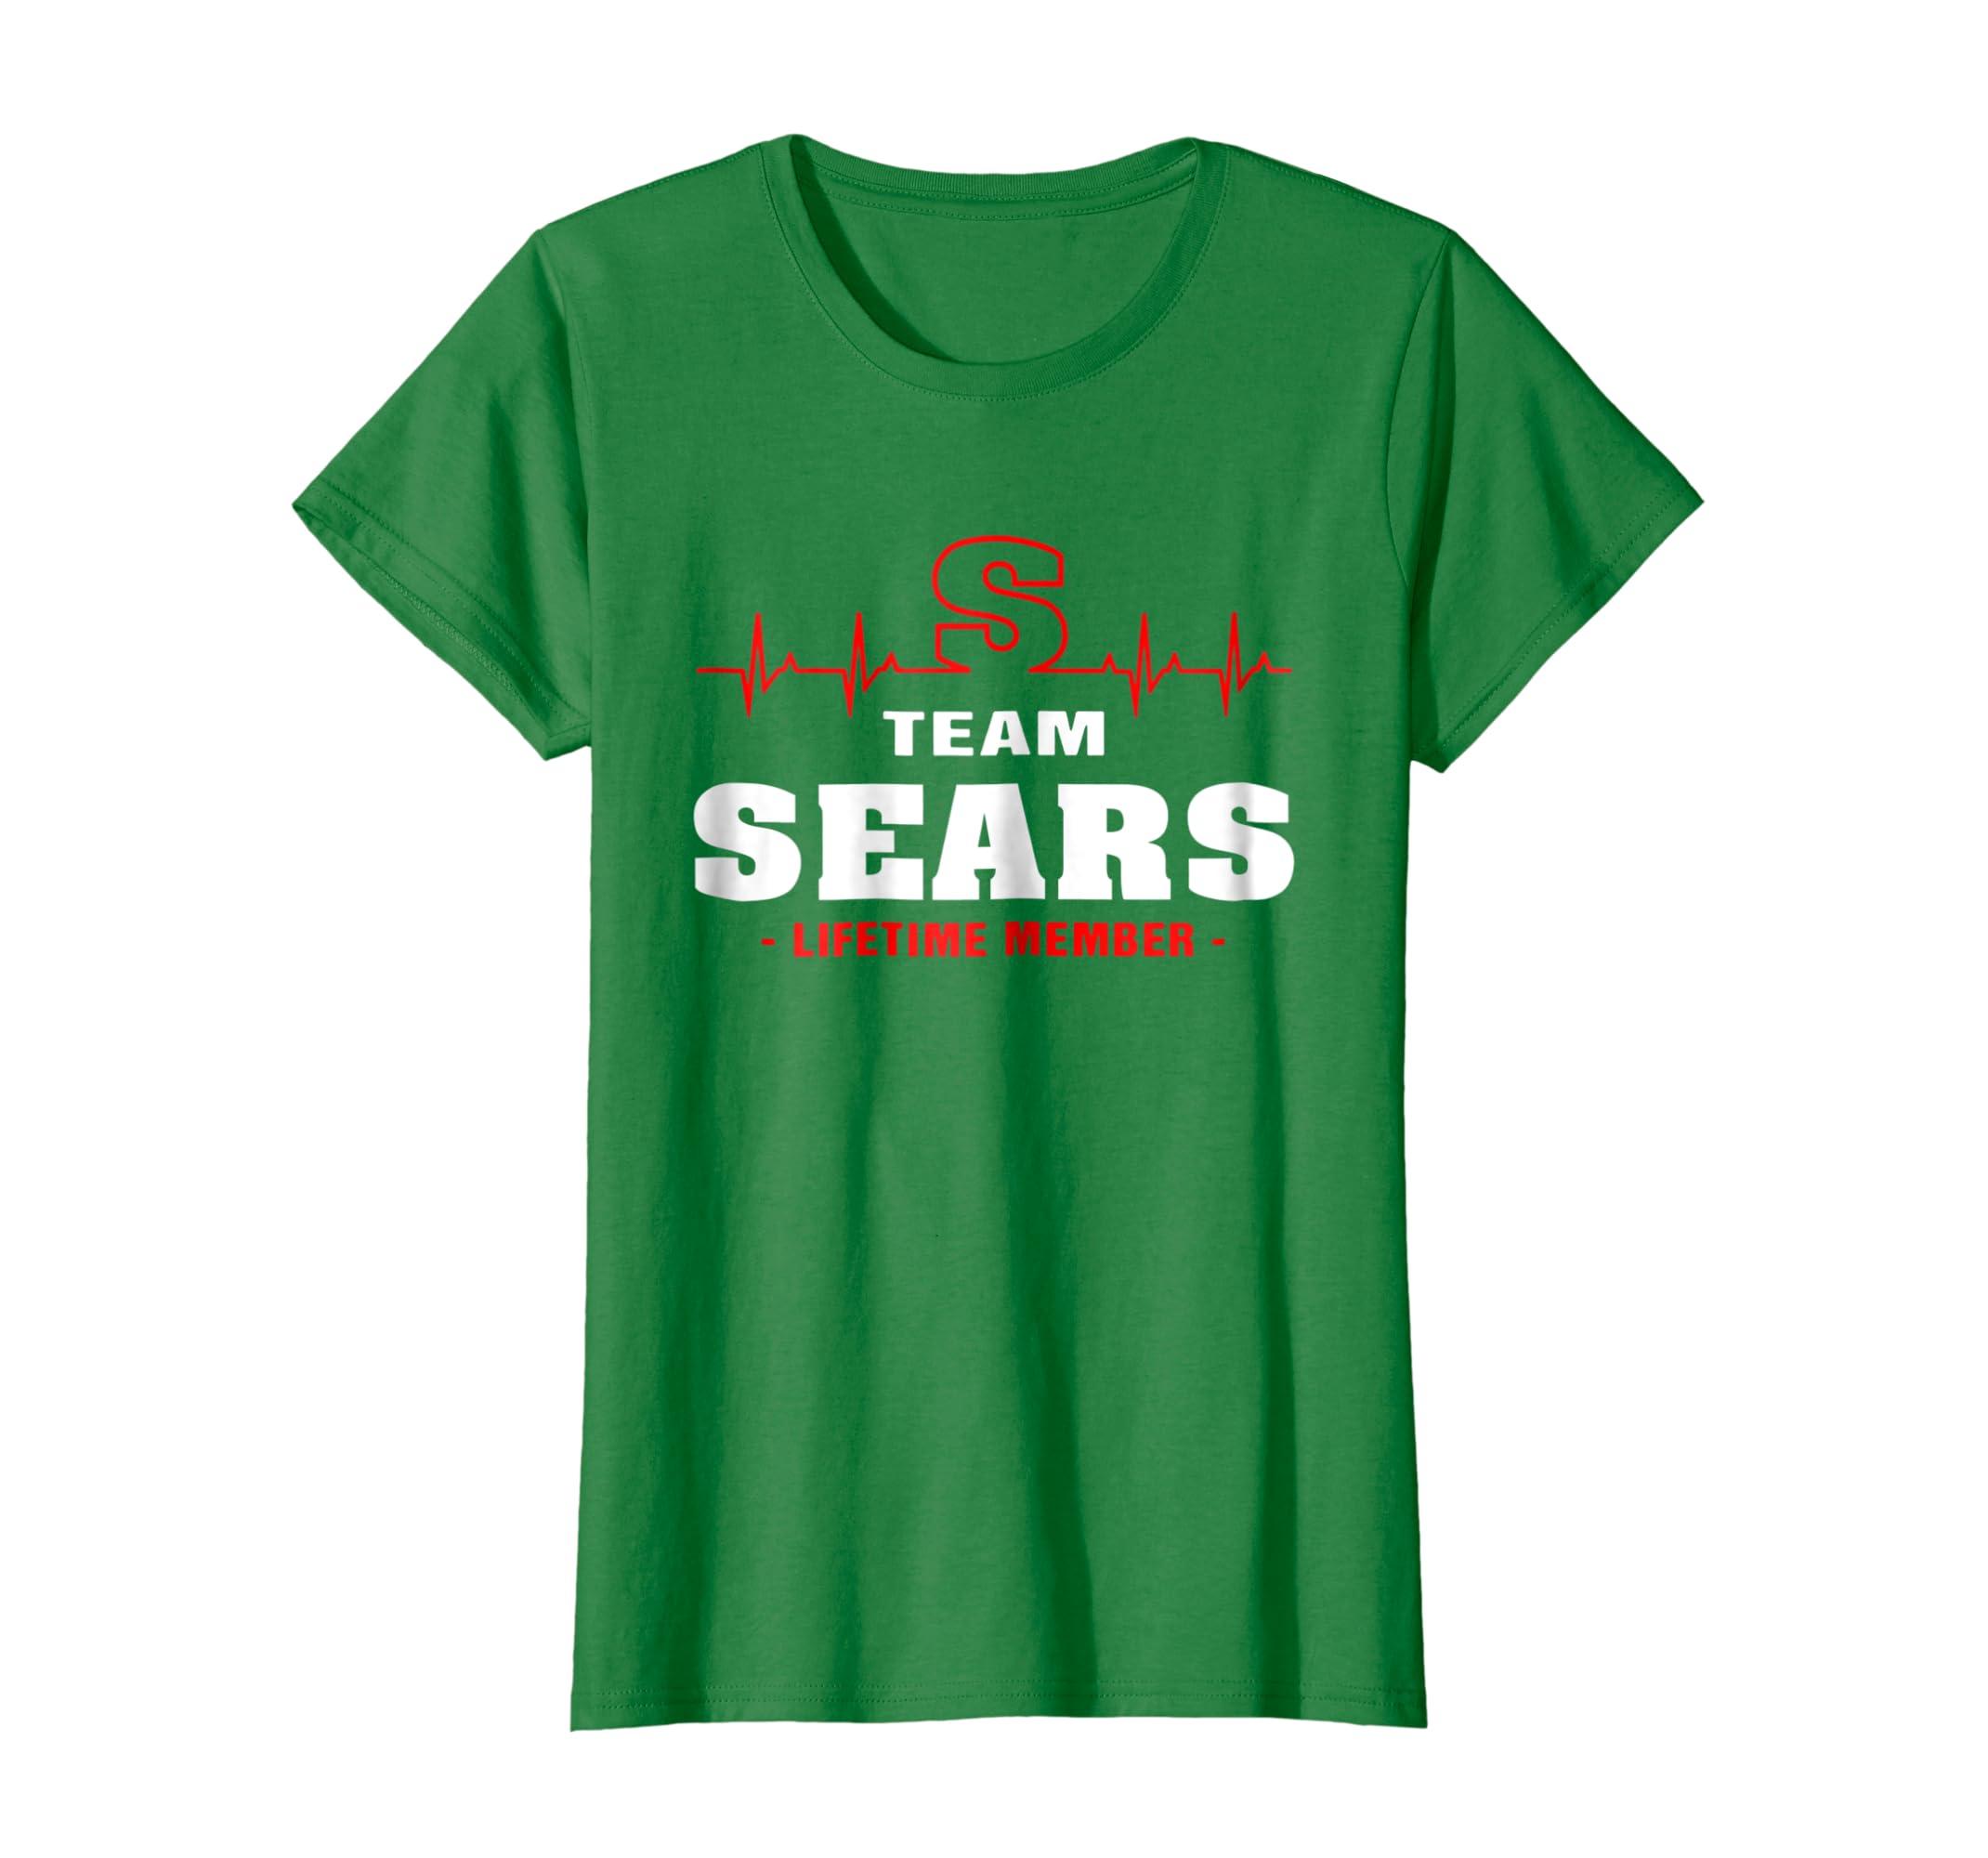 f67bfaab917 Amazon.com: Team Sears lifetime member shirt surname last name: Clothing